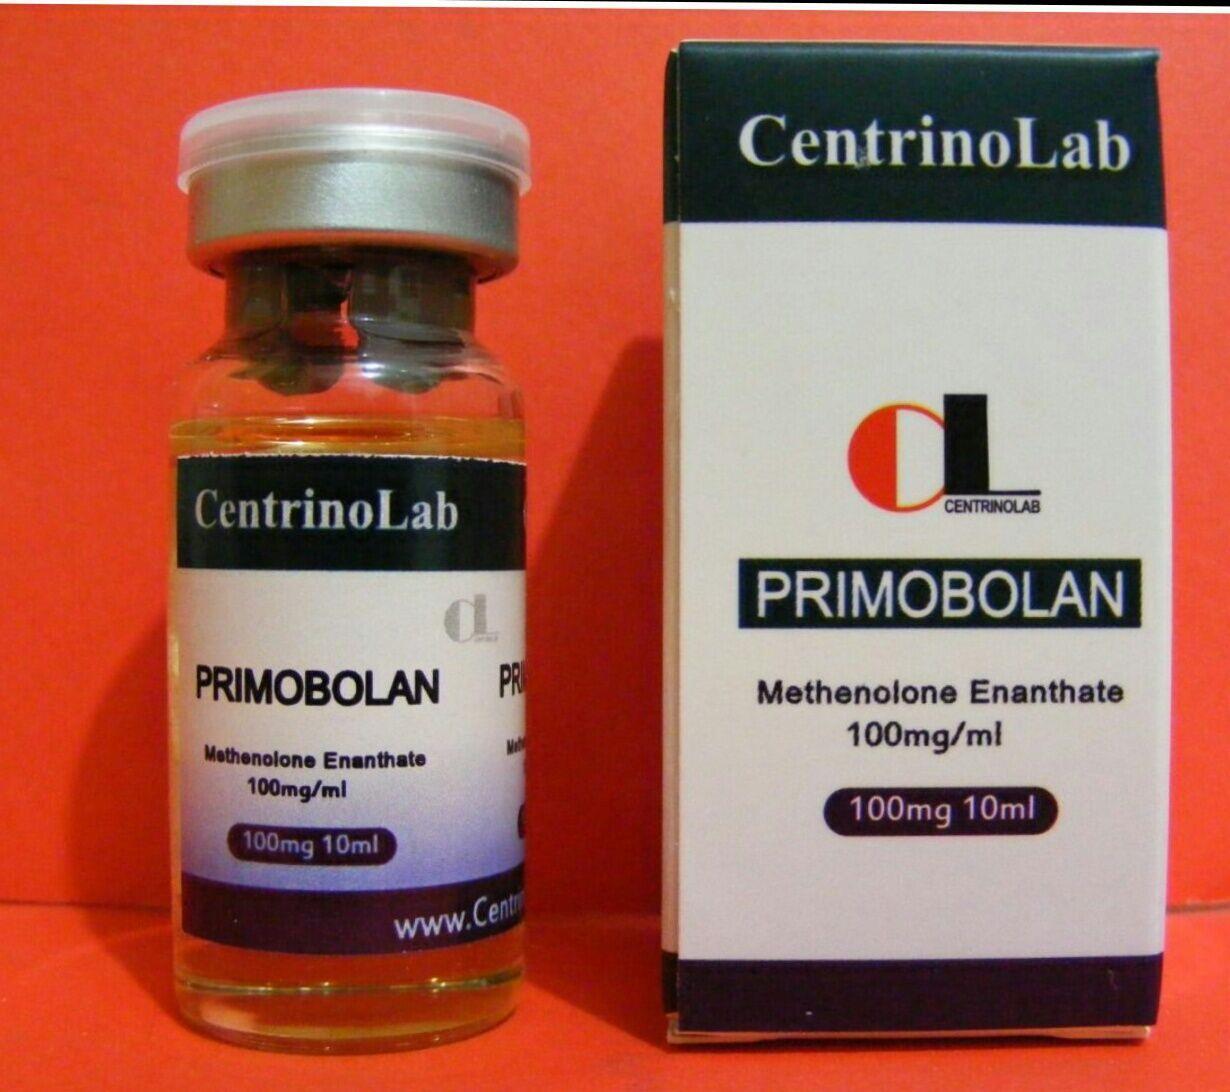 Примоболан (ацетат метенолона) — то, что вы должны знать